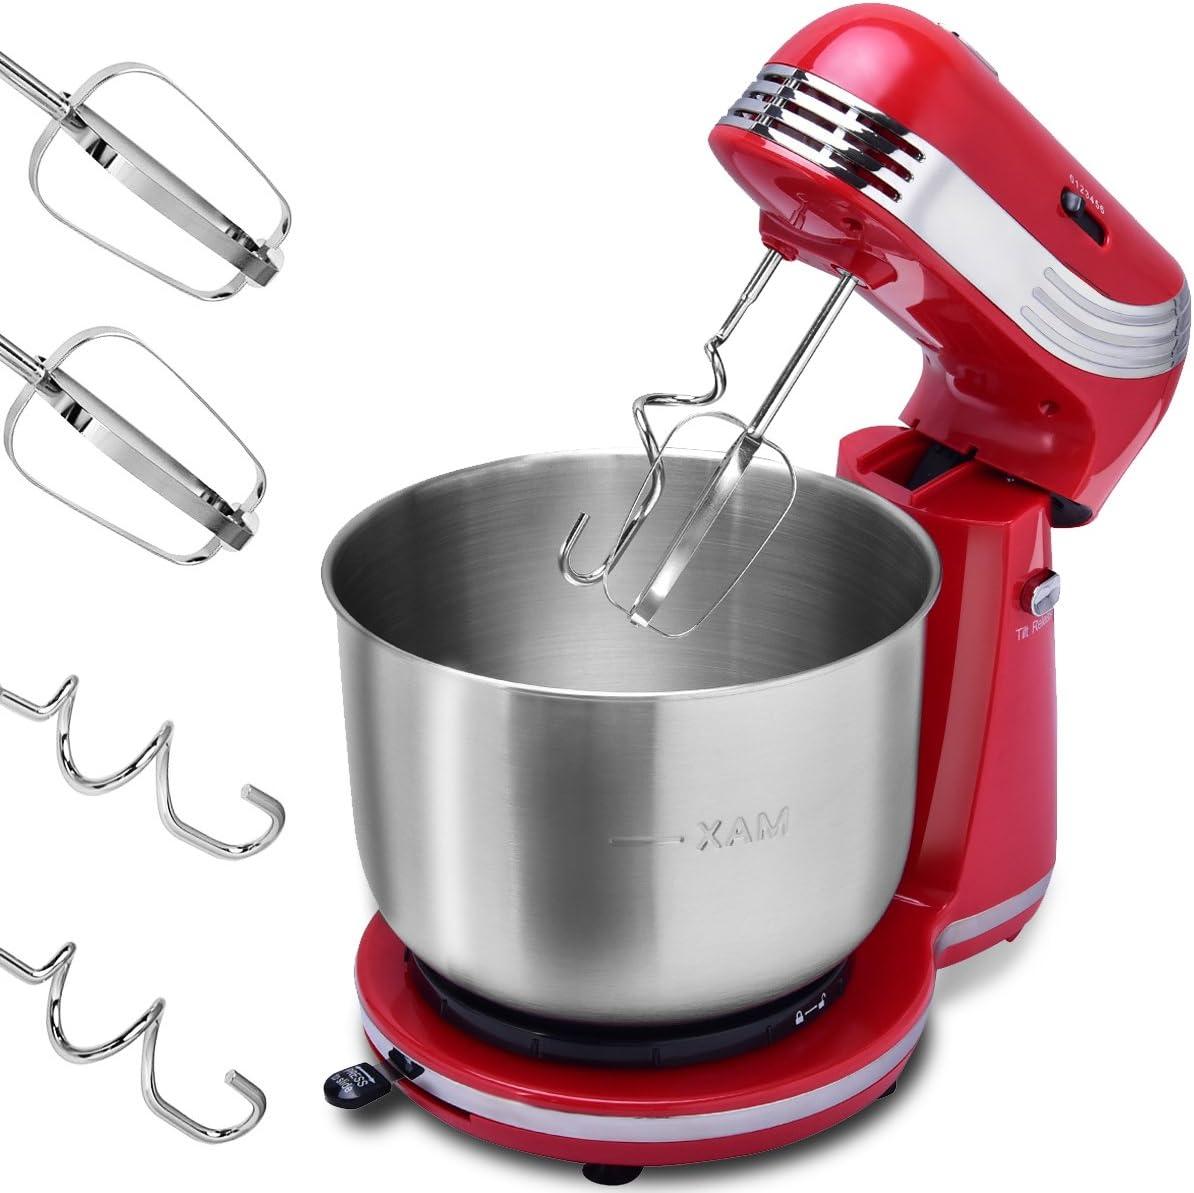 costway – Robot de cocina amasadora – Amasadora Masa eléctrica Nieve y amasar. 250 W 6 niveles de velocidad 3,5L: Amazon.es: Hogar